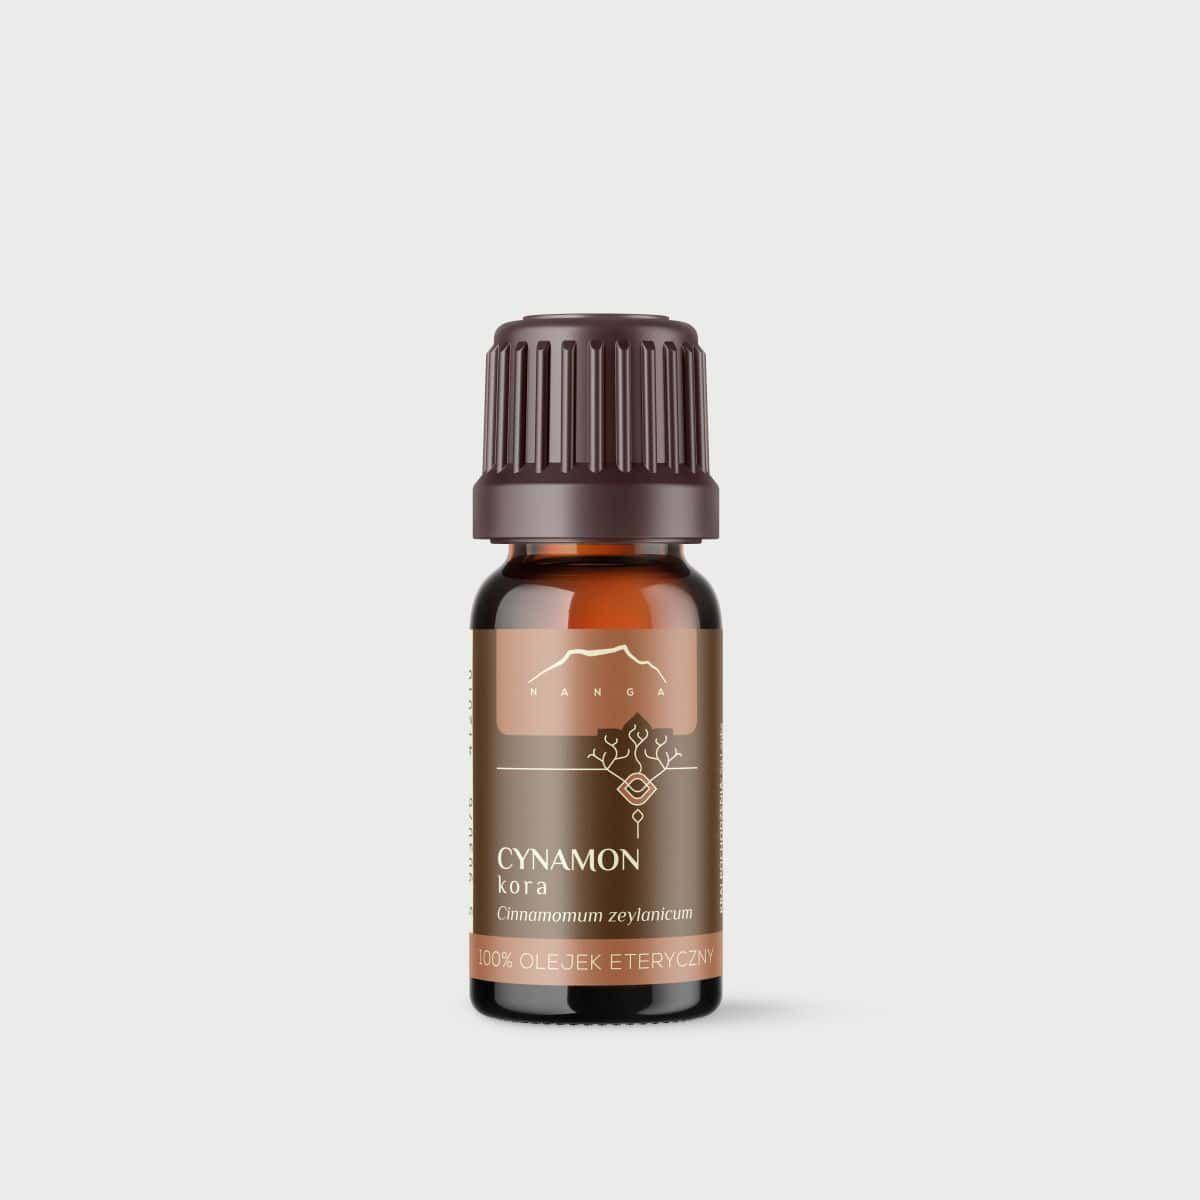 Olejek cynamonowy (z kory) 100% eteryczny Nanga 10 ml